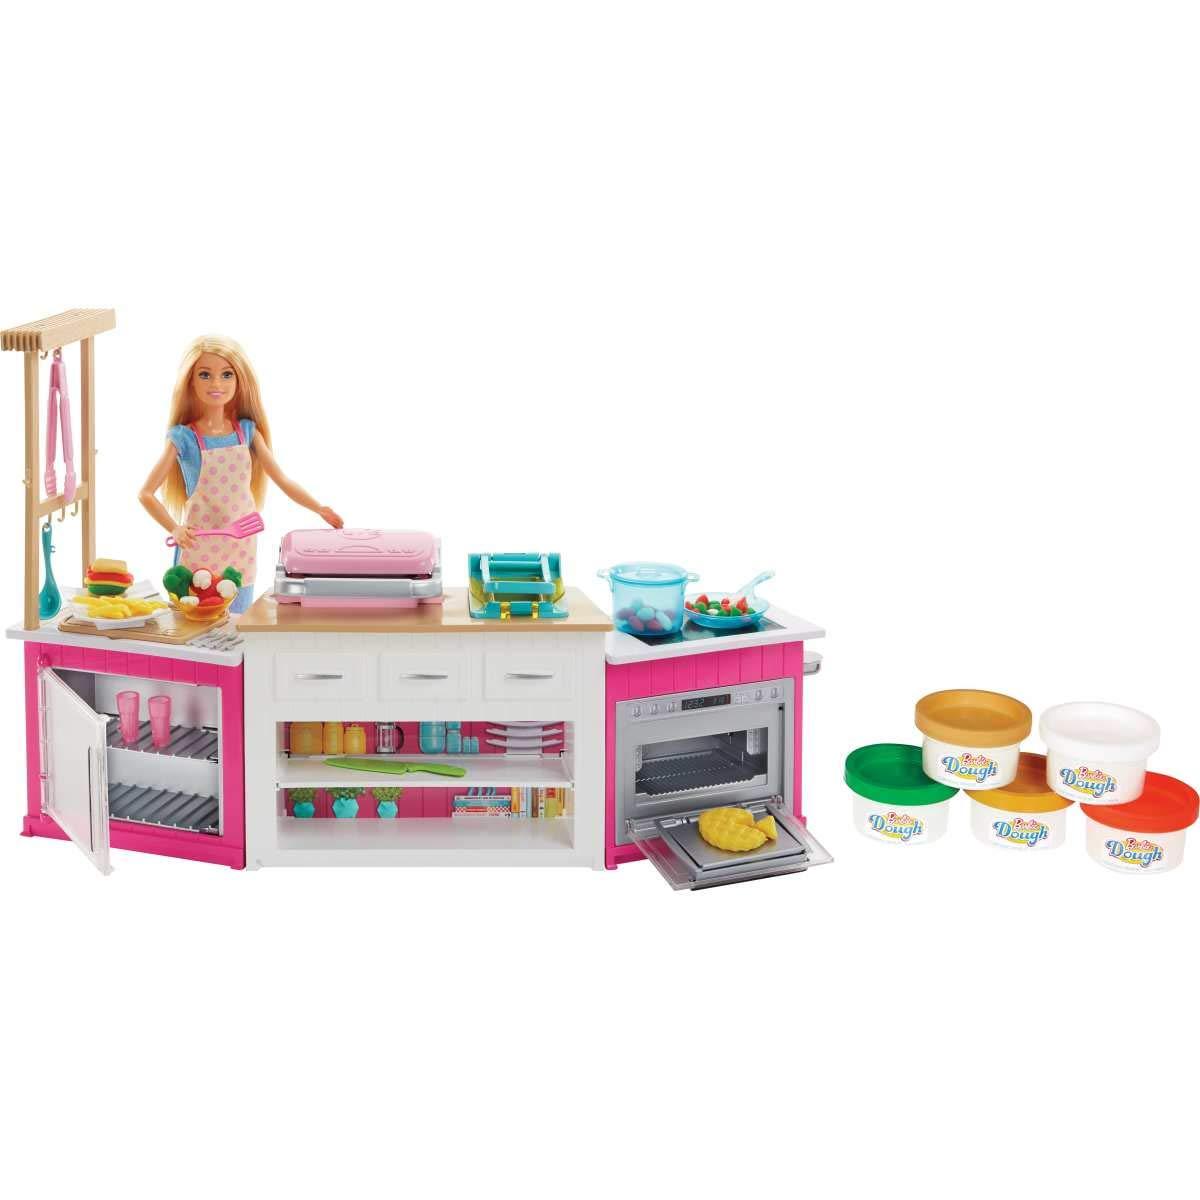 Barbie Quiero Ser Superchef, Cocina con Accesorios y muñeca (Mattel FRH73) + Quiero Ser Pizza Chef, muñeca y Accesorios…